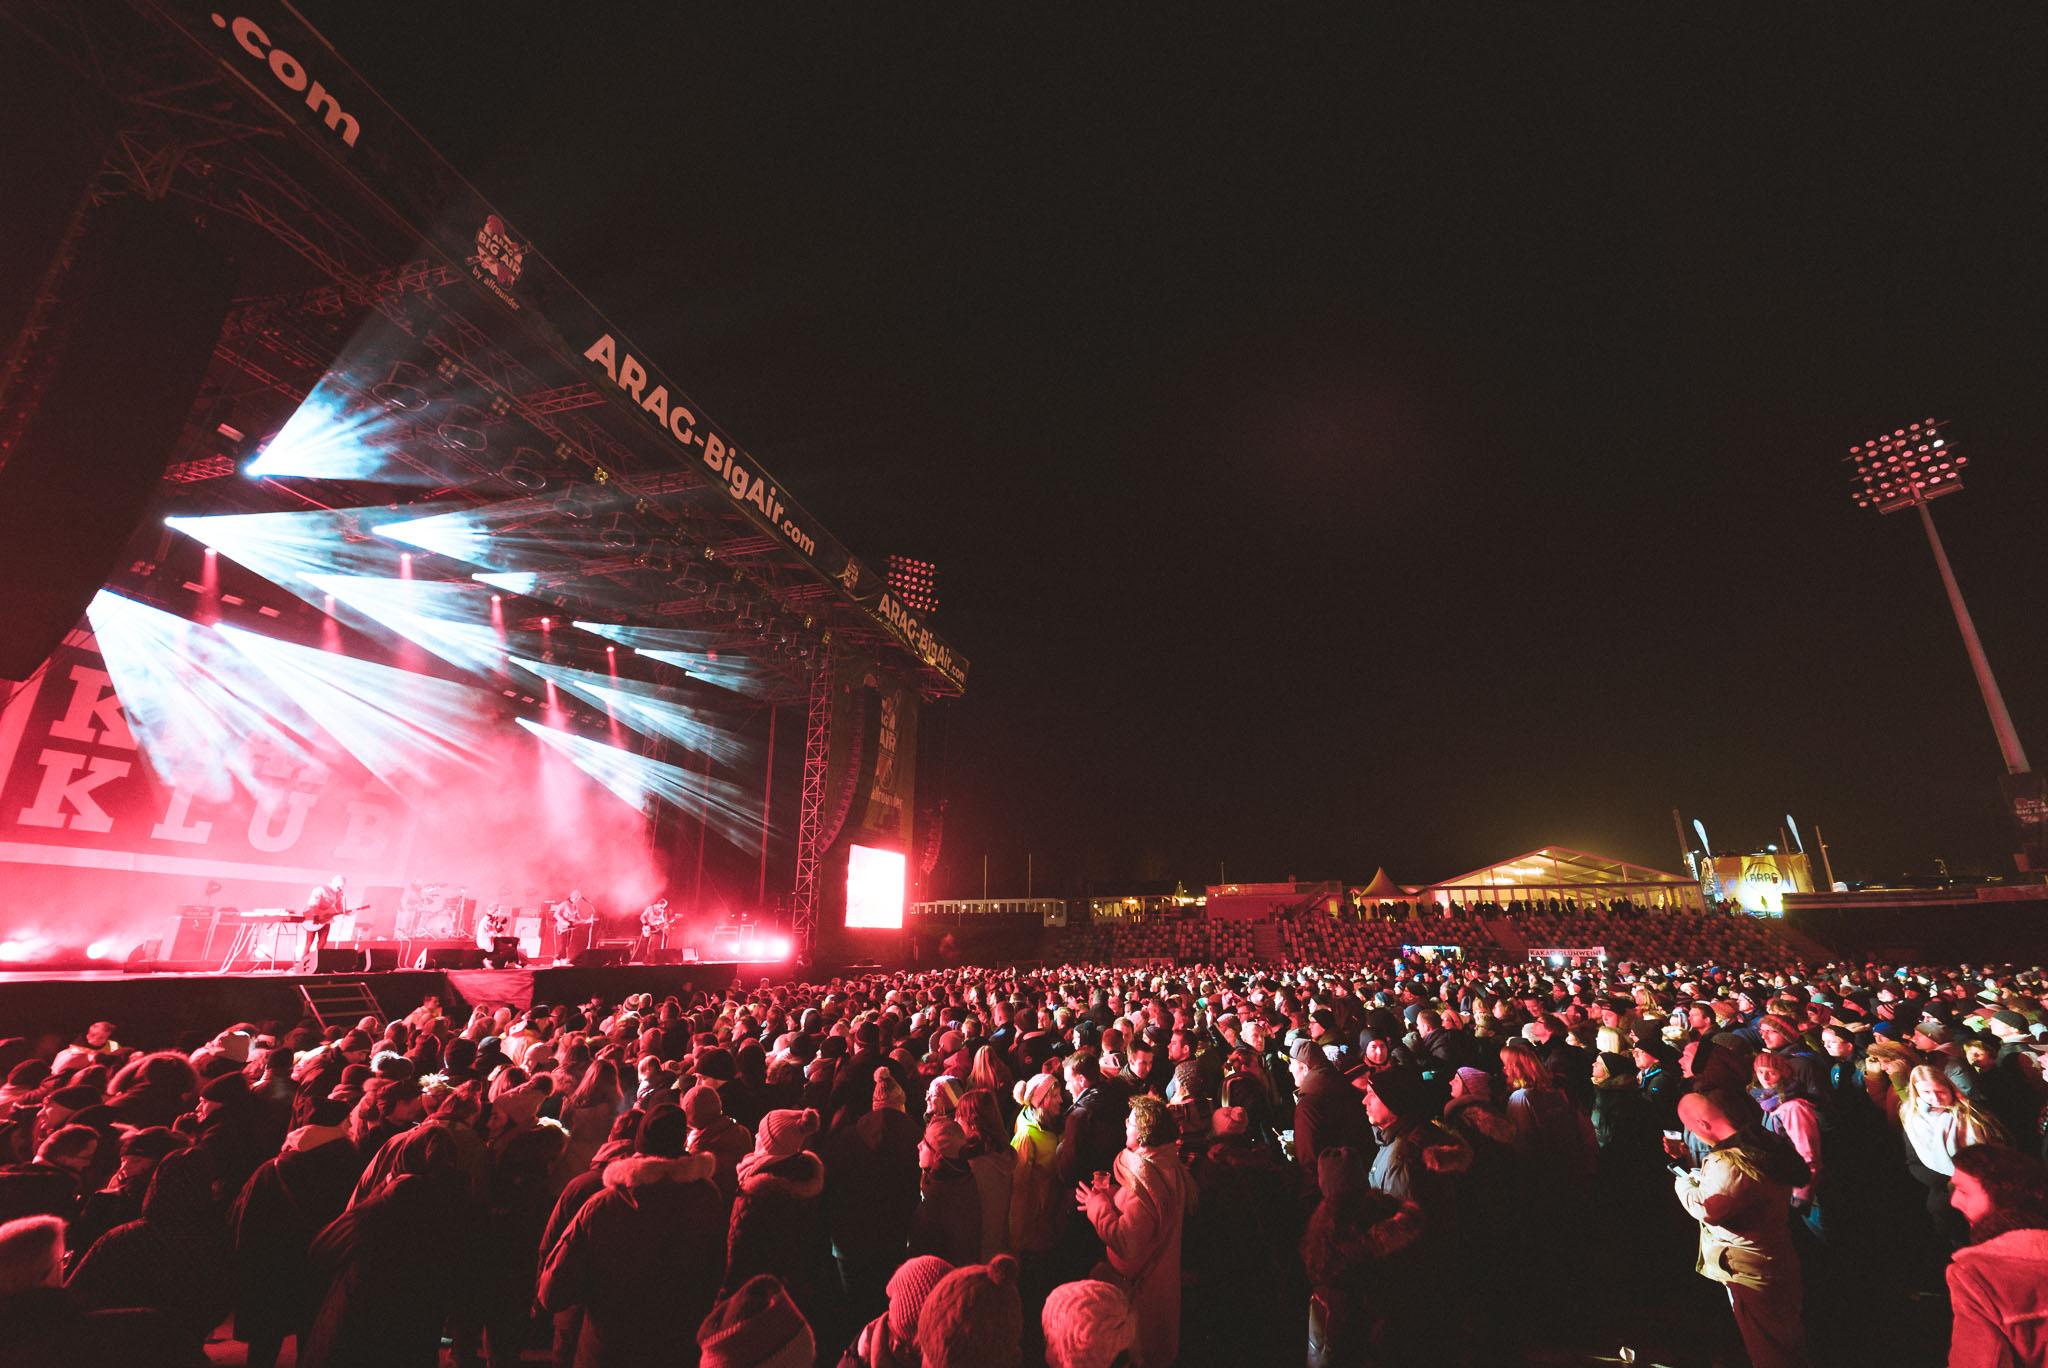 Lieferten am Freitag eine gute Show ab beim Big Air Festival in Mönchengladbach: Kraftklub